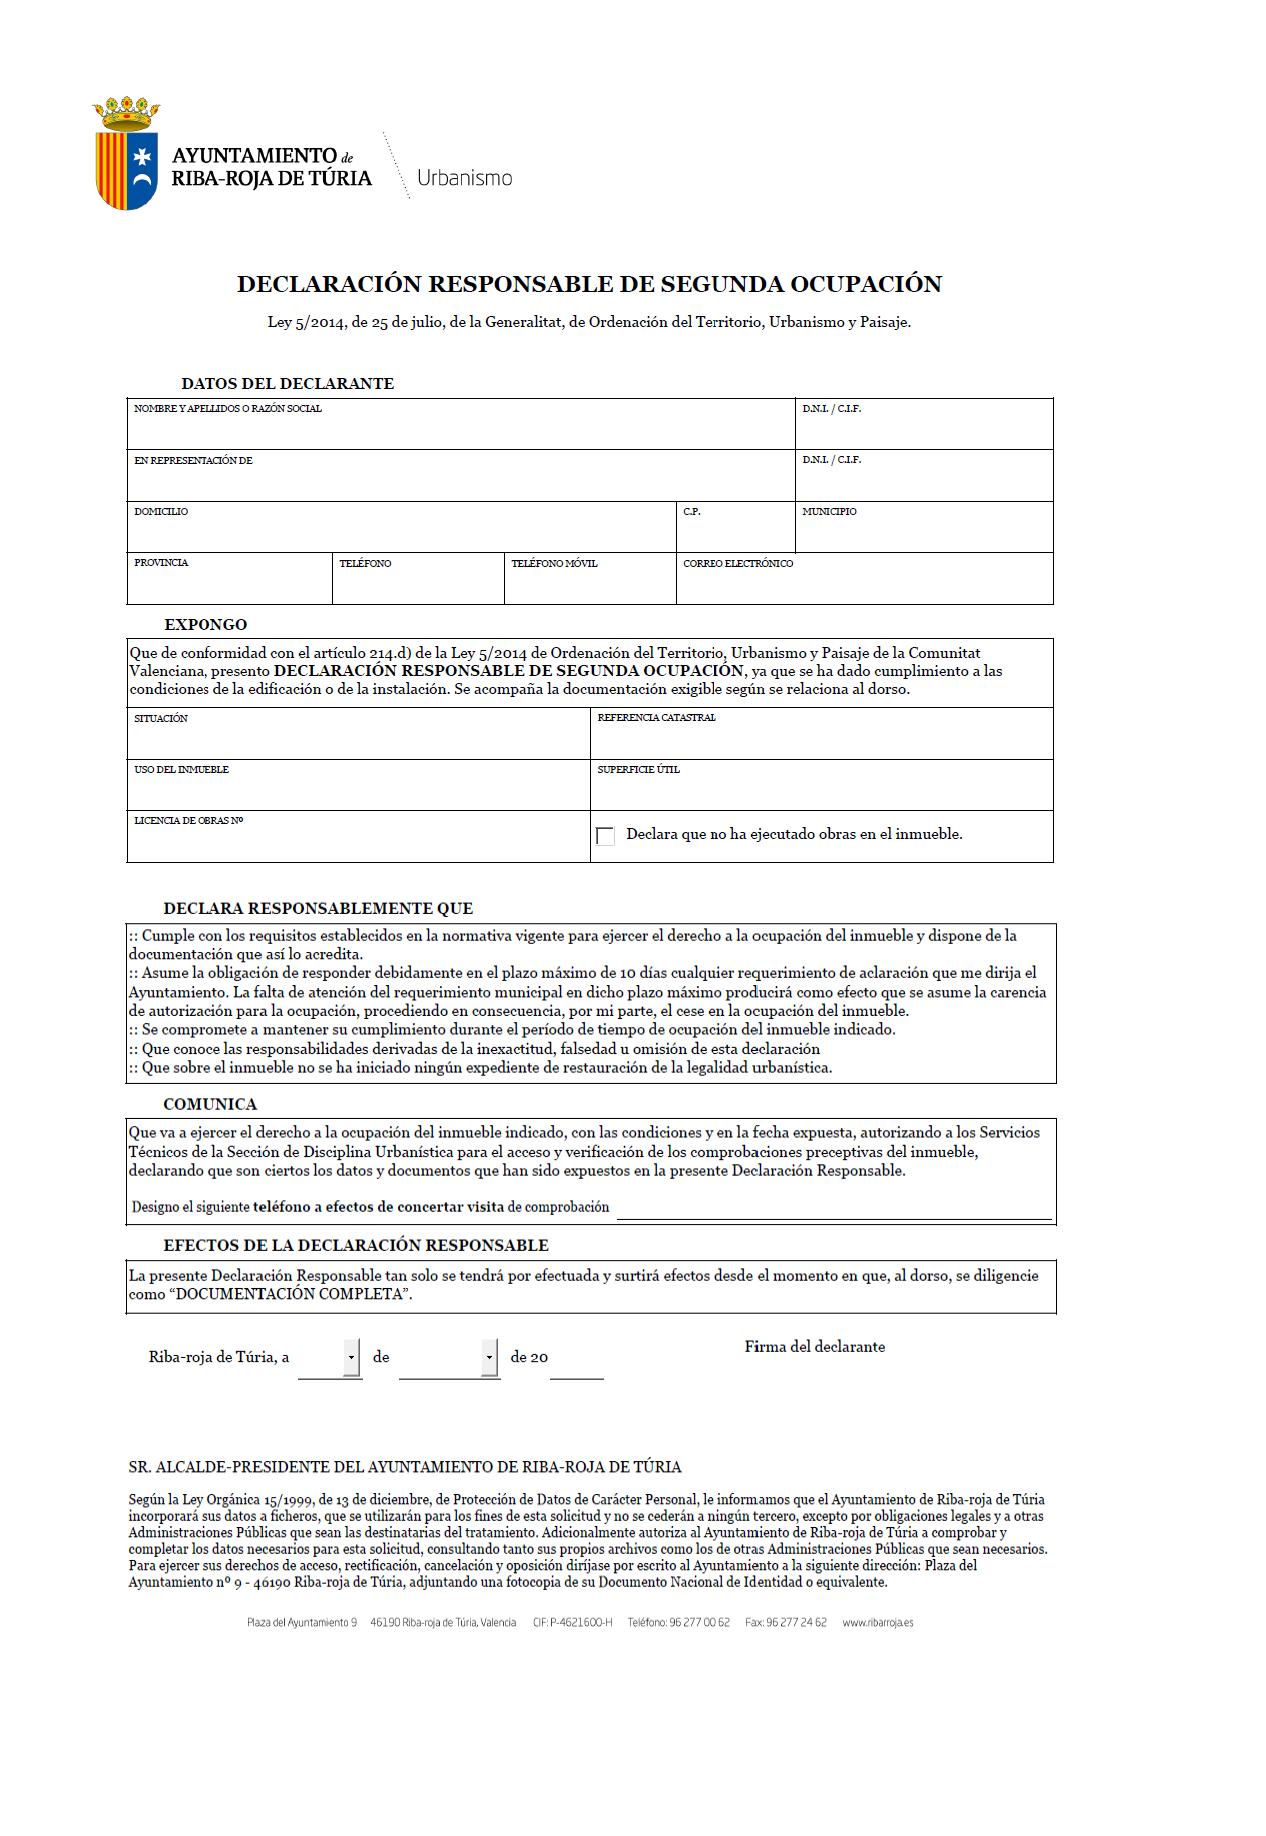 Impreso Declaración Responsable Segunda Ocupación Ribarroja del Turia/Riba-Roja de Turia - vivienda